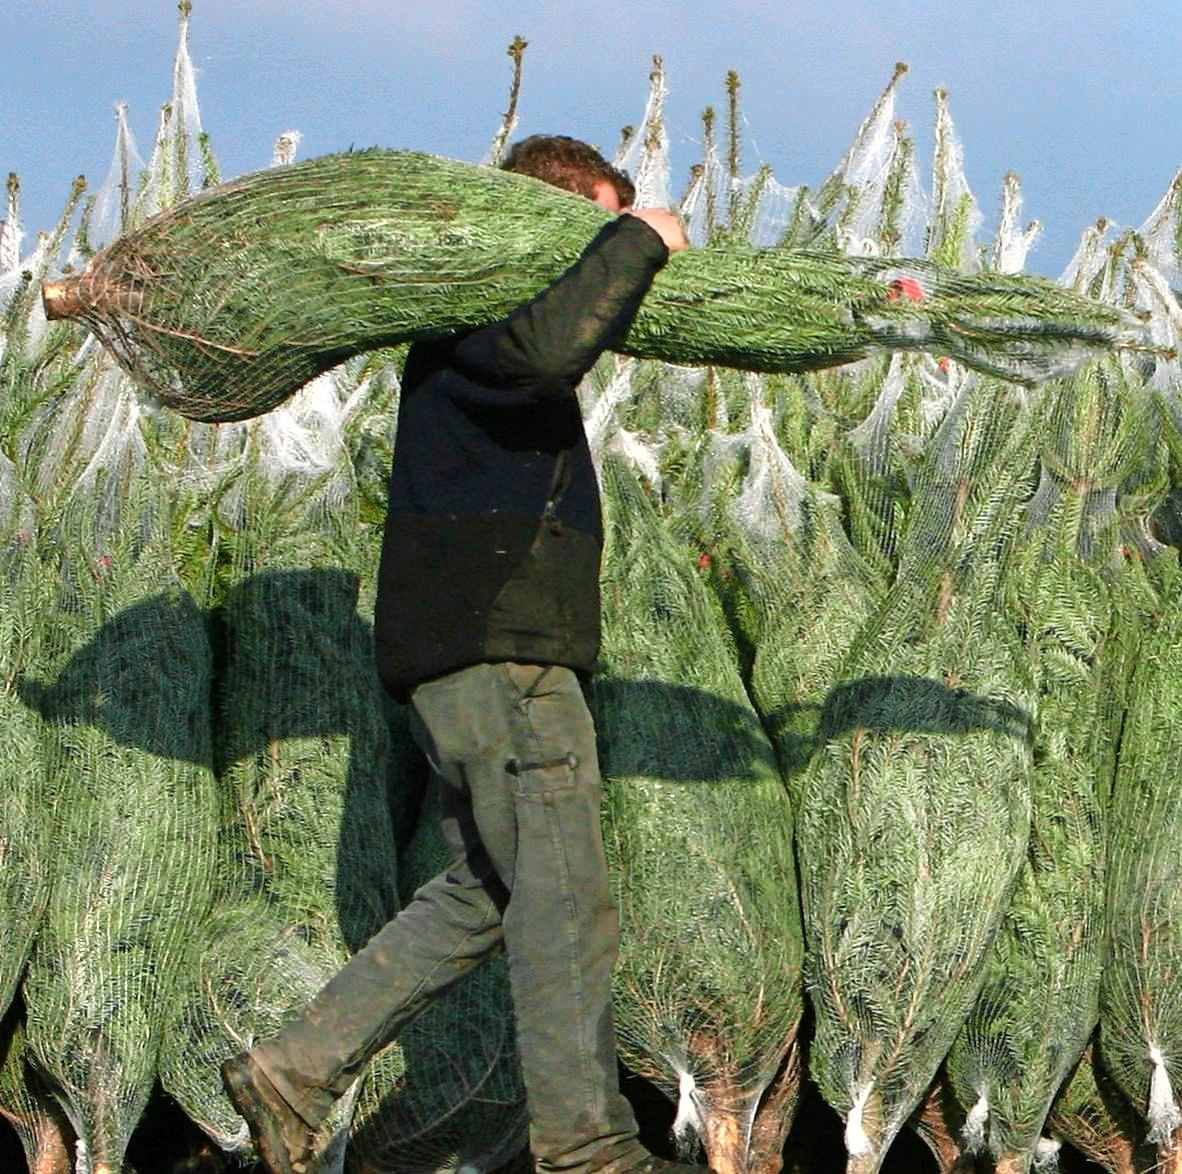 Jährlich werden in Deutschland 30 Millionen Christbäume verkauft. Wer lange Freude daran haben will, setzt auf frische geschlagene Tannen aus der Region. Foto: dpa